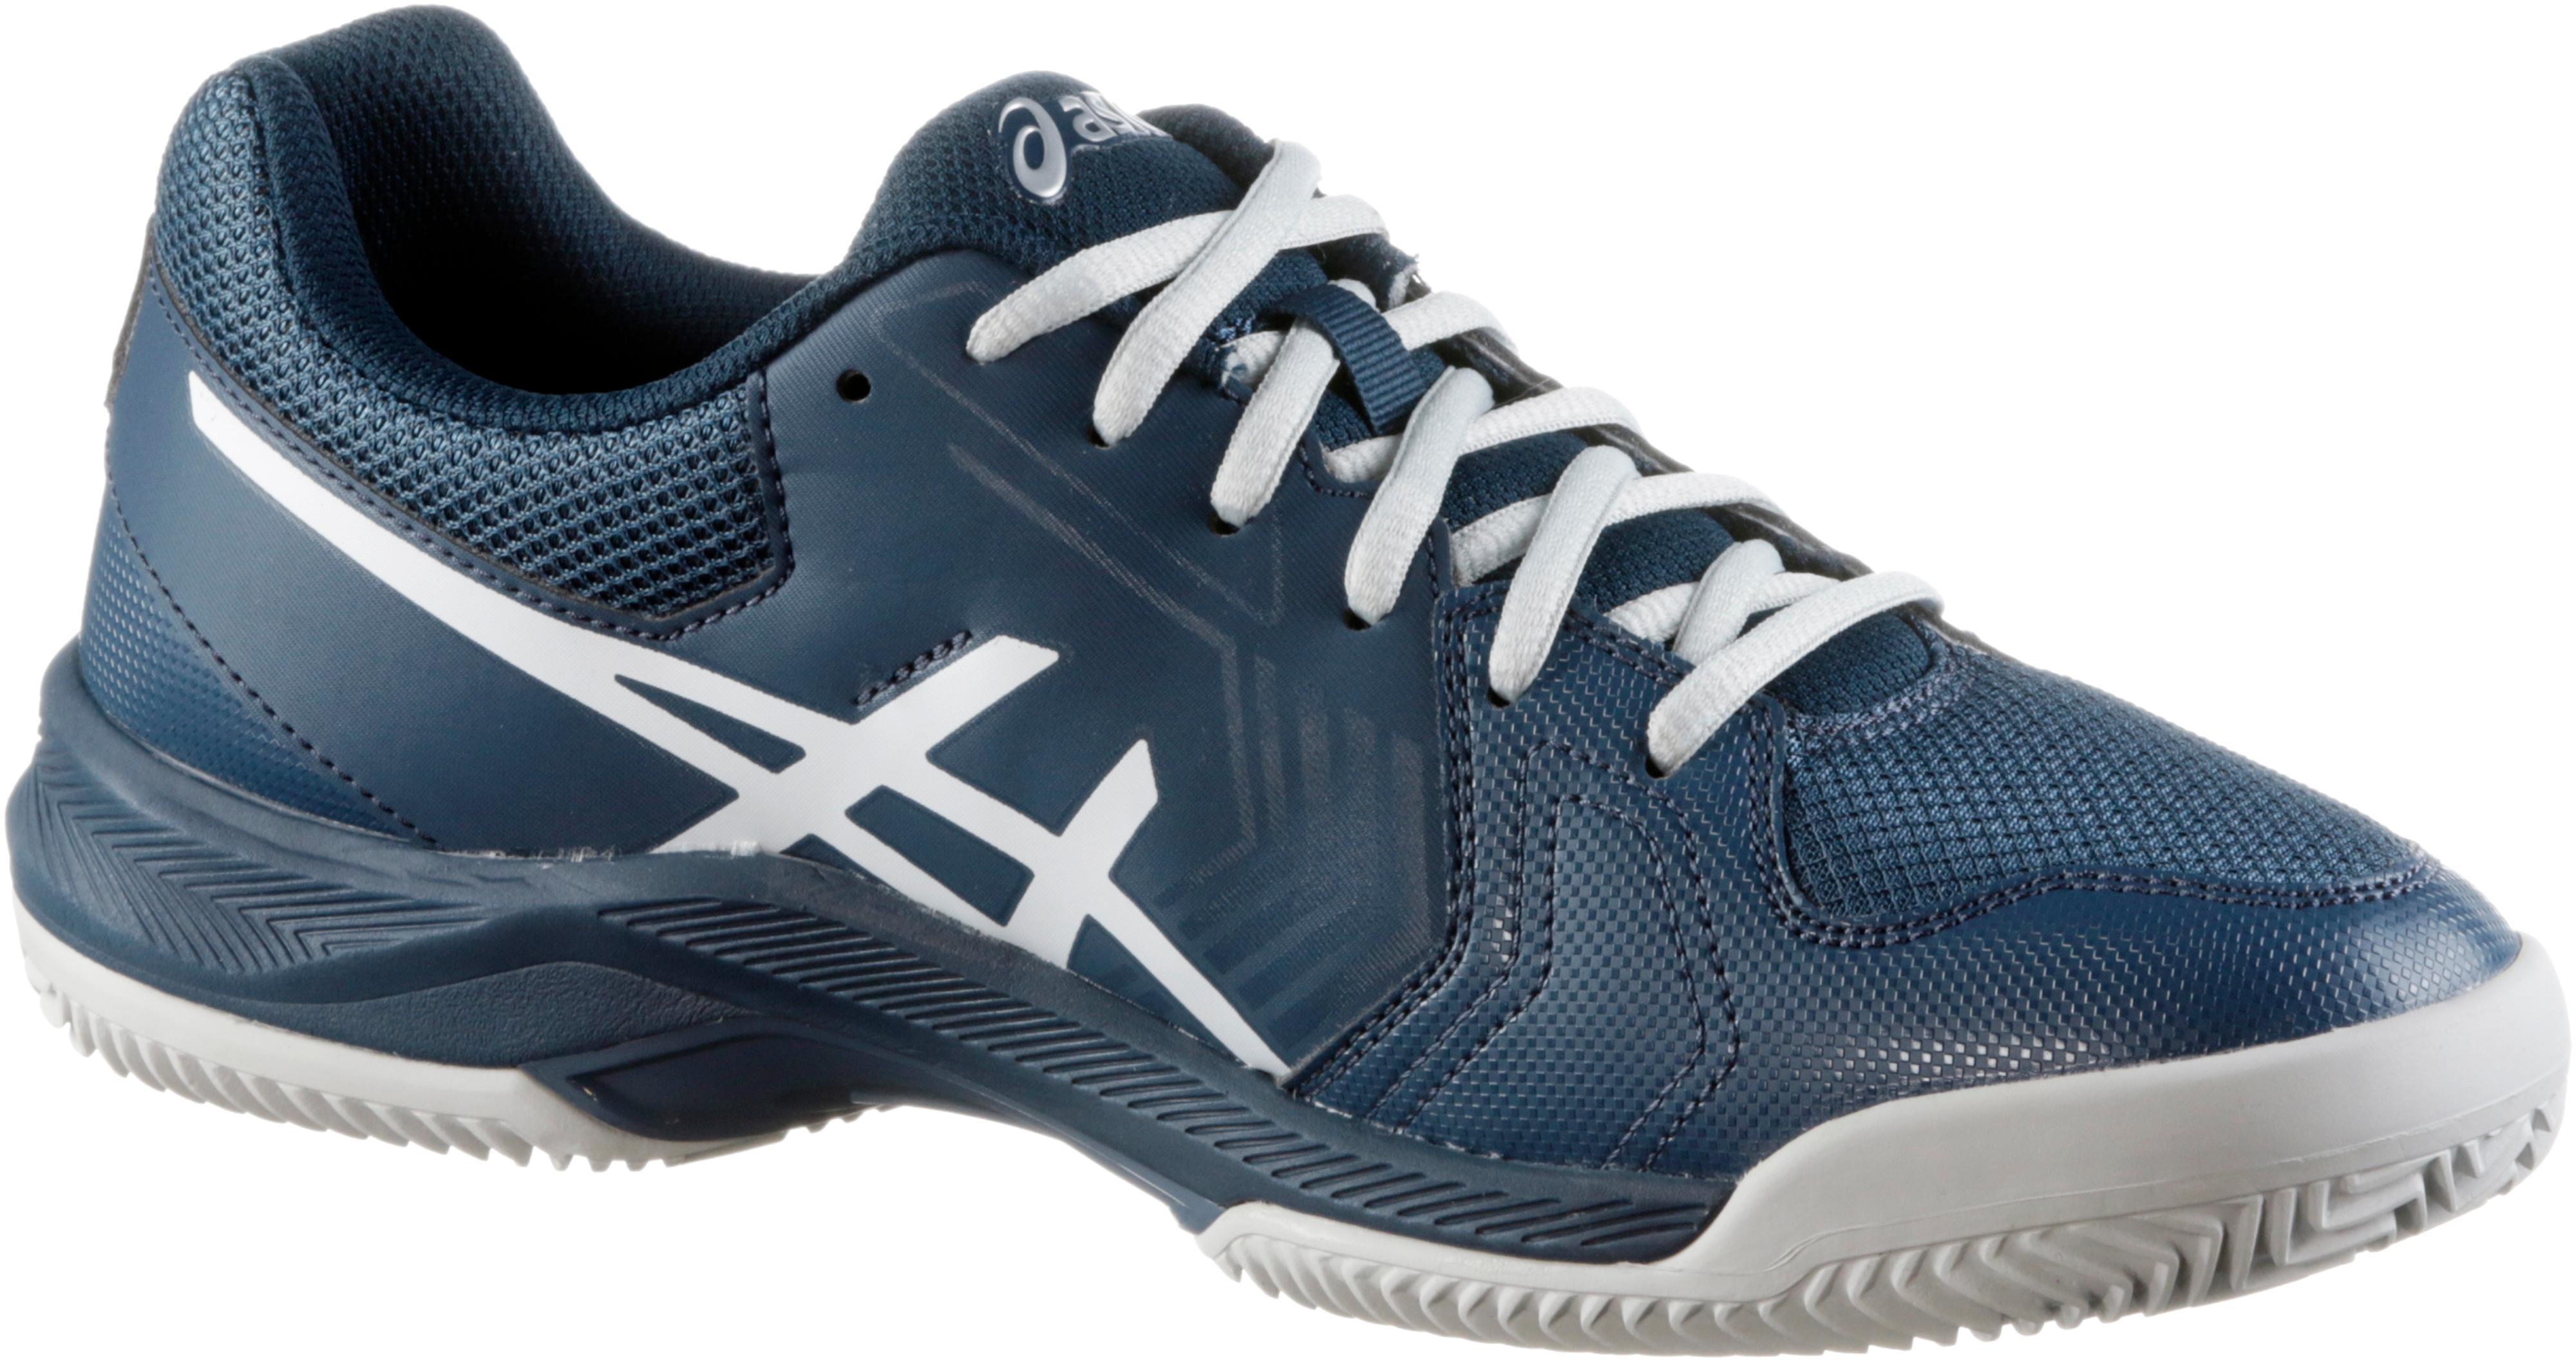 ASICS GEL-Dedicate 5 CLAY Tennisschuhe Herren Herren Herren dark blue-silber im Online Shop von SportScheck kaufen Gute Qualität beliebte Schuhe 6341a9